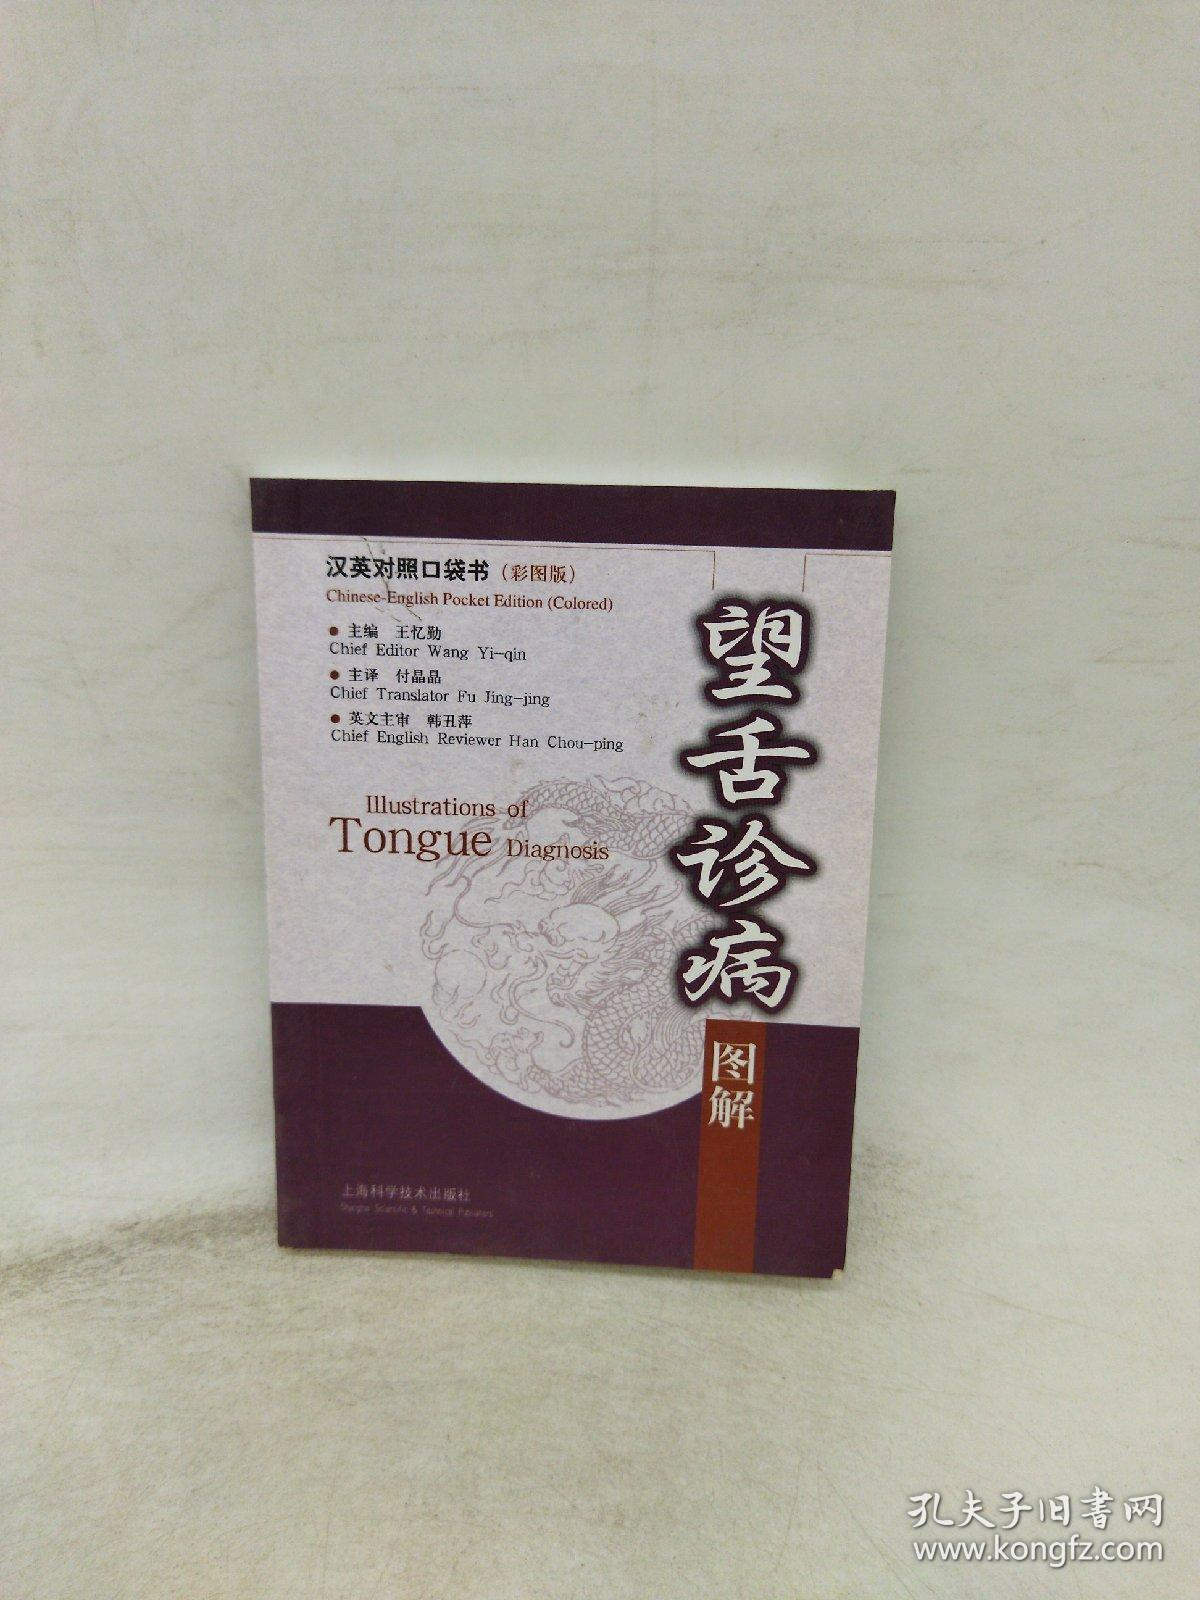 汉英对照口袋书(彩图版):望舌诊病图解